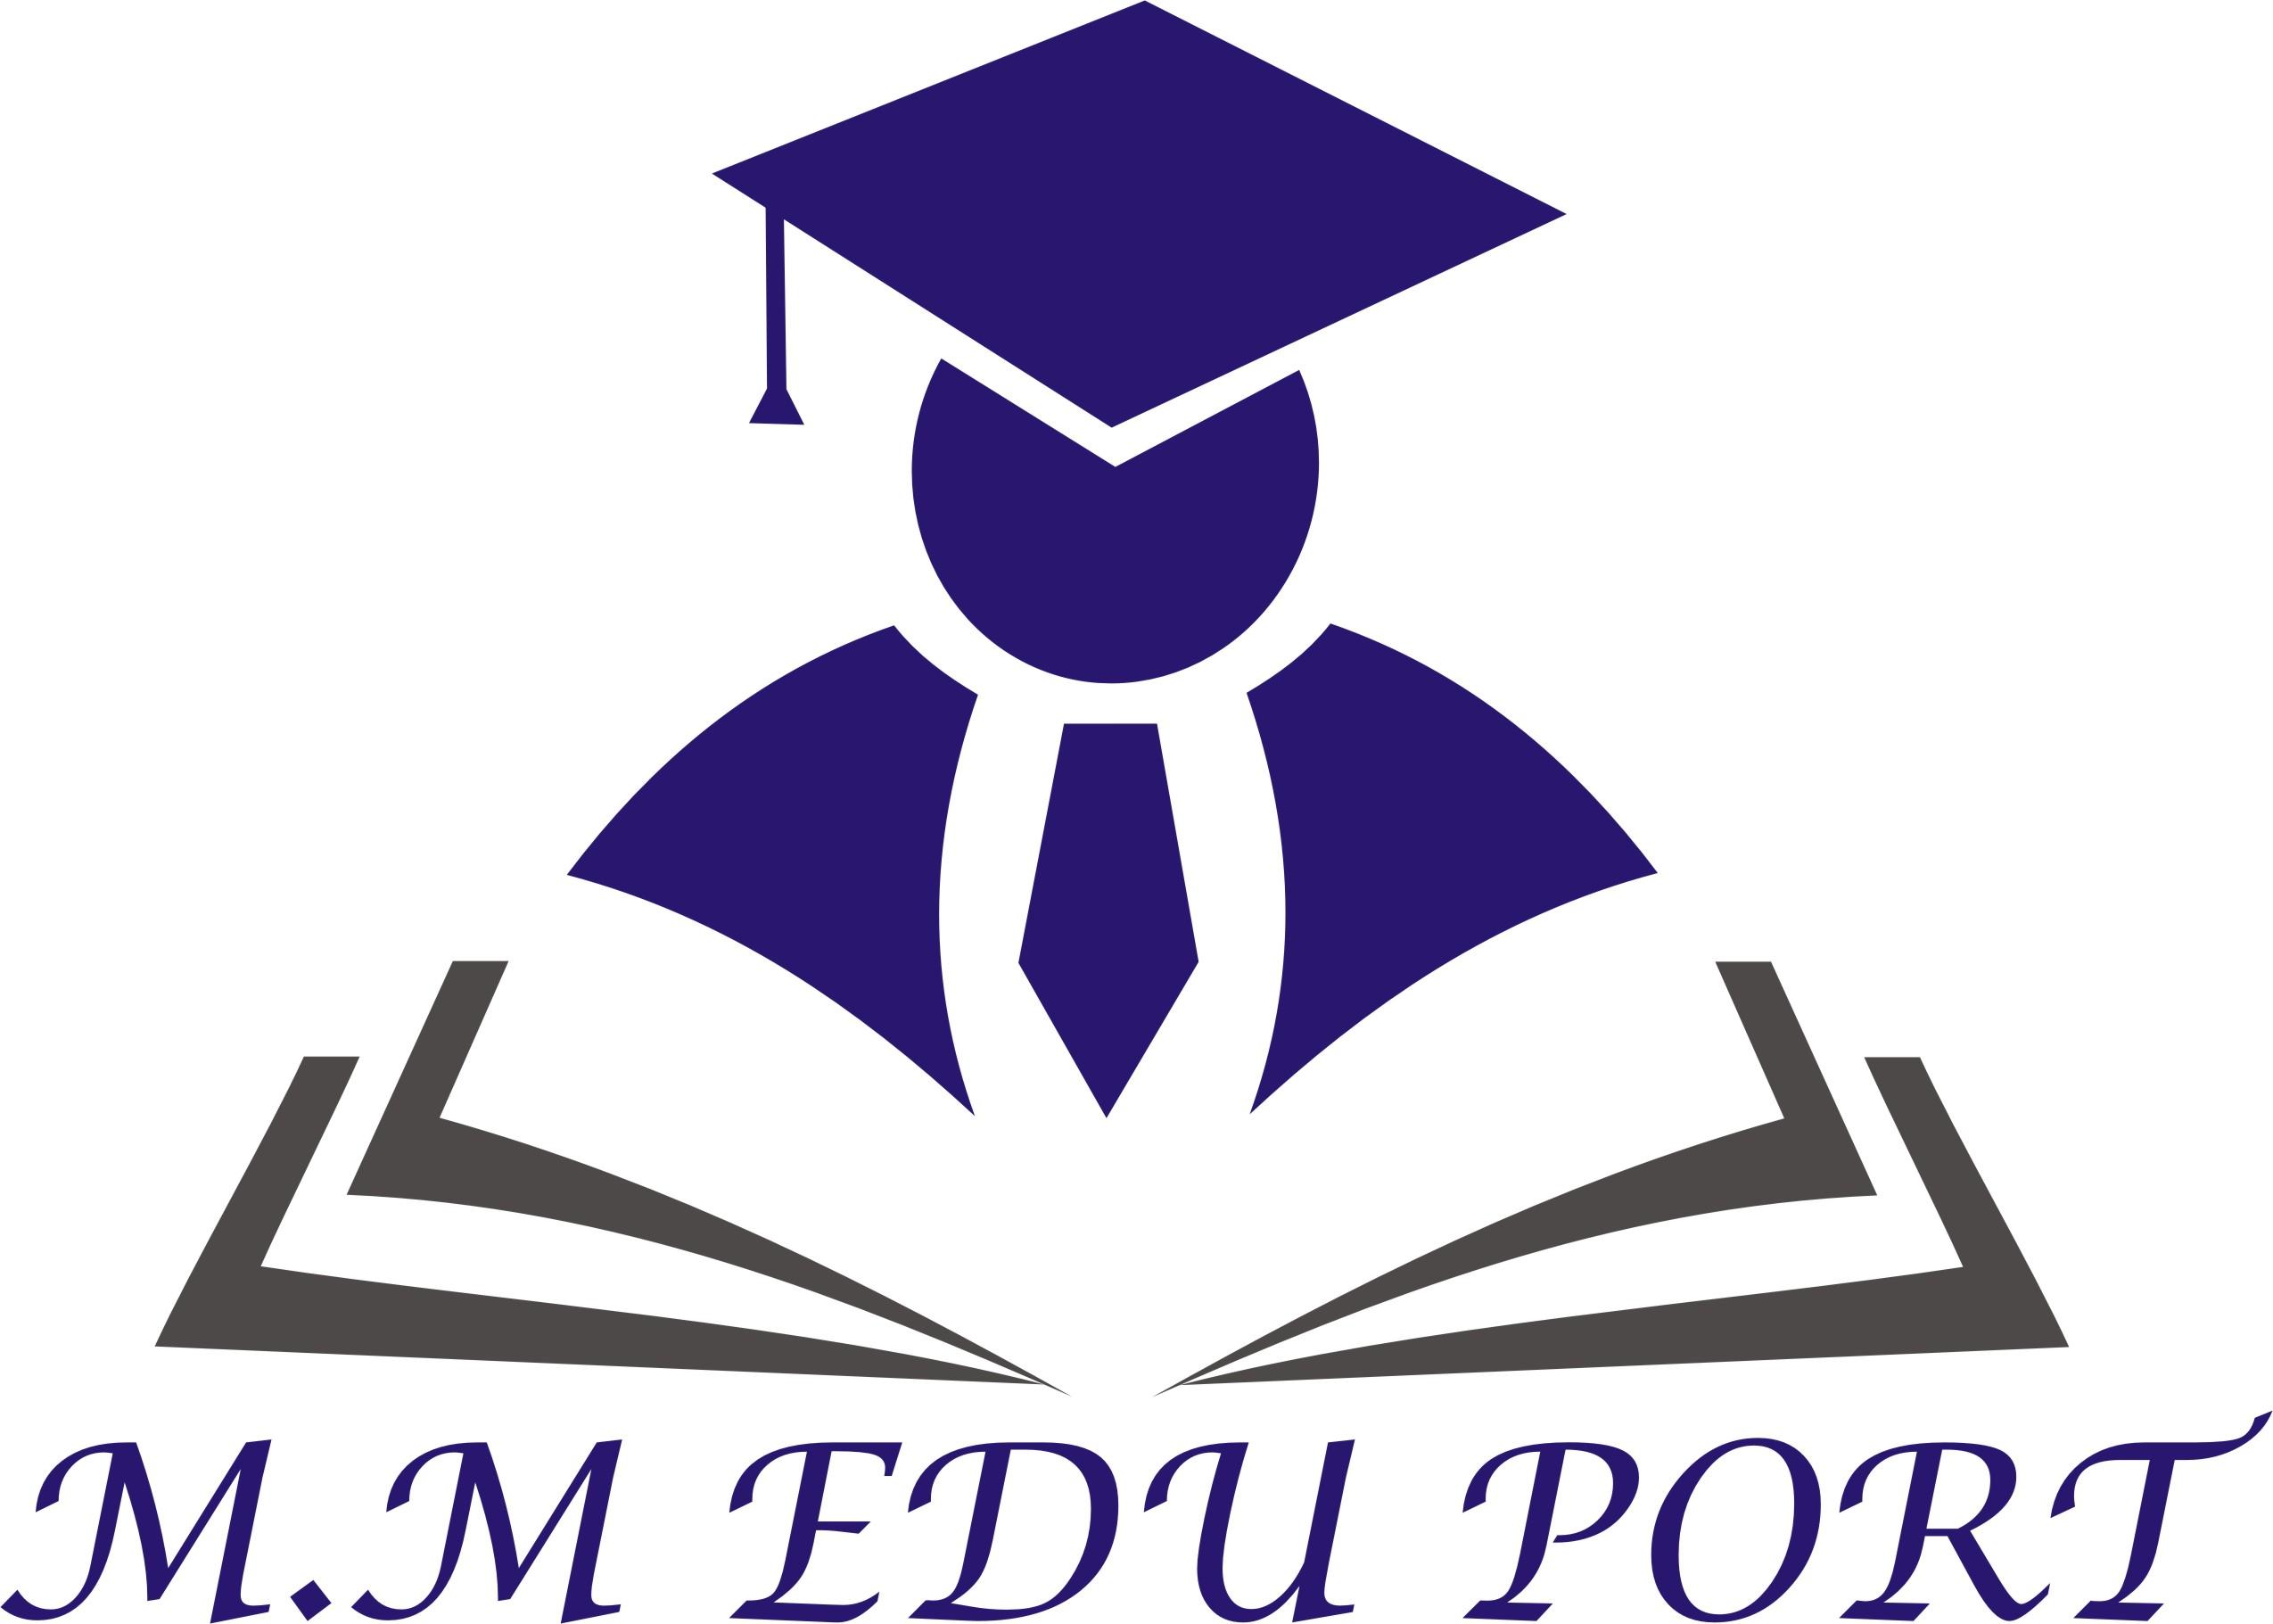 mmeduport.com